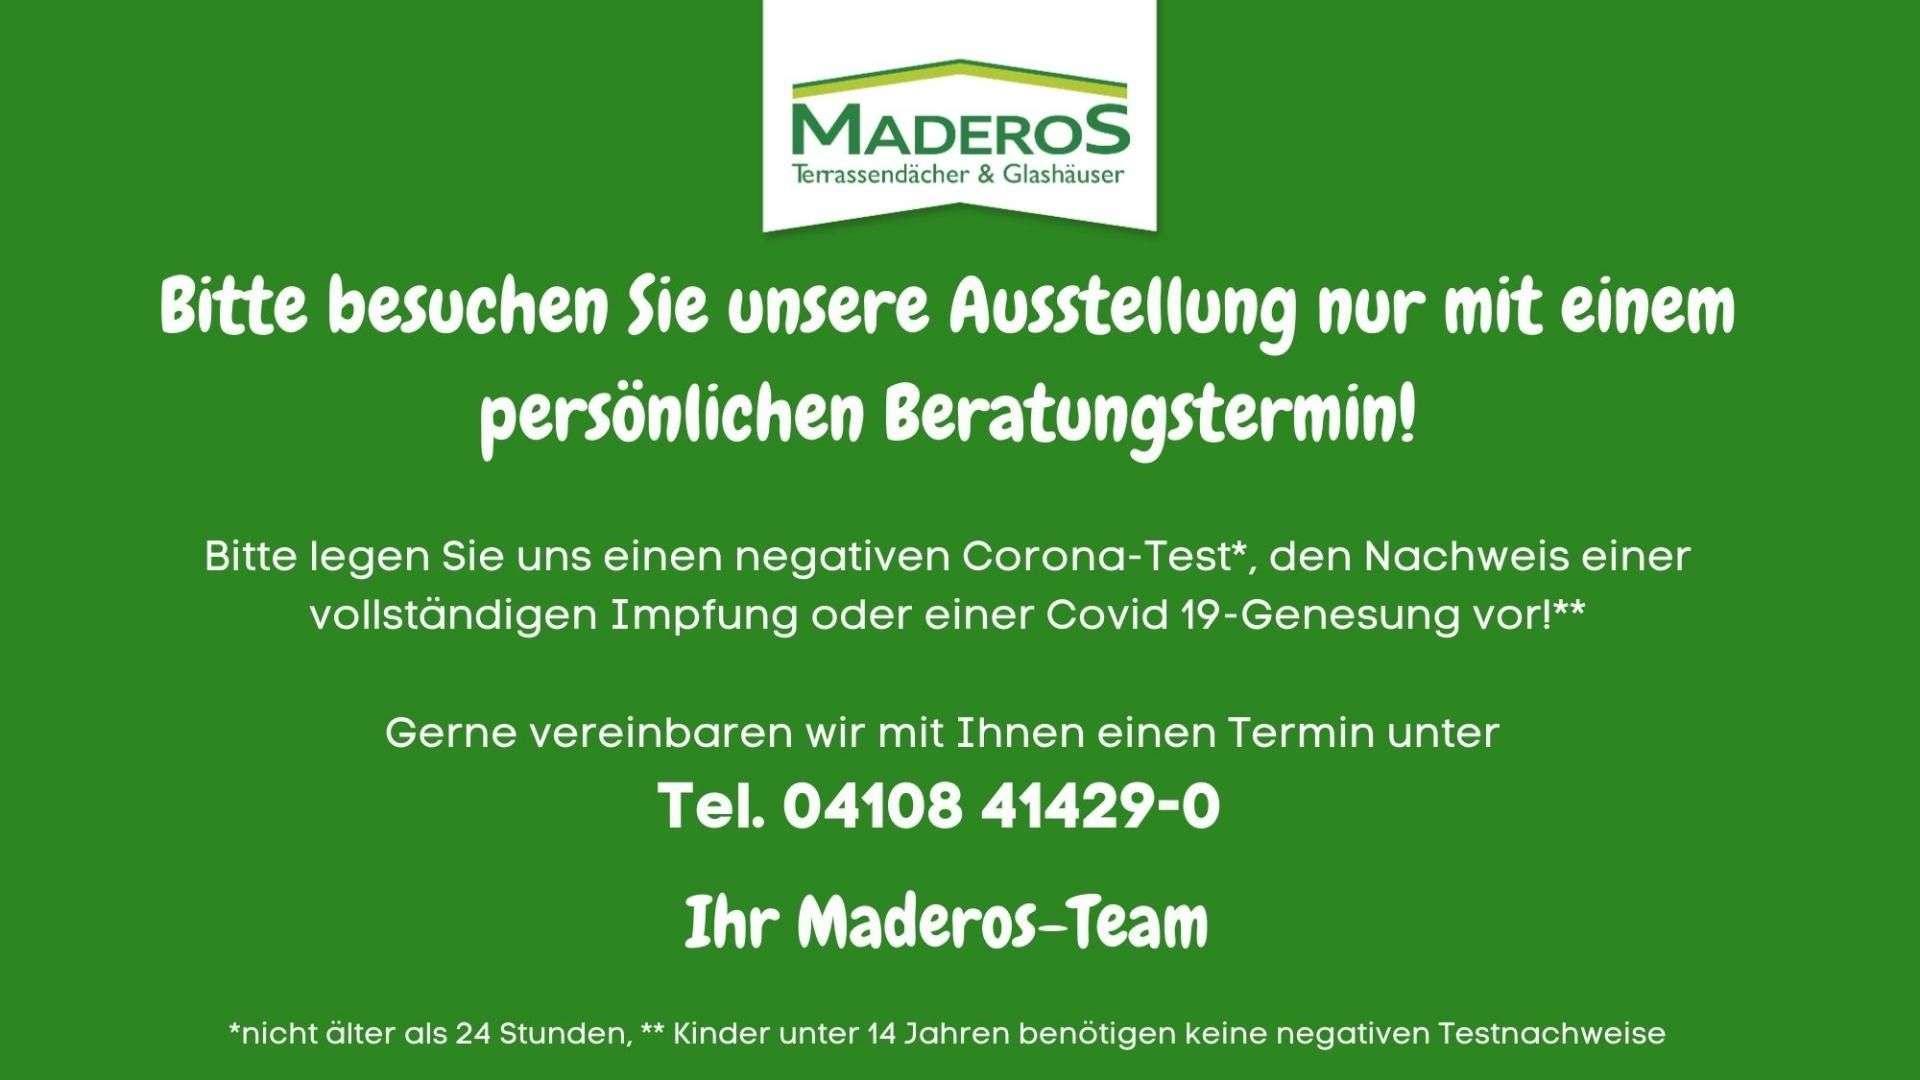 MADEROS Herzlich willkommen in unserer Ausstellung ...